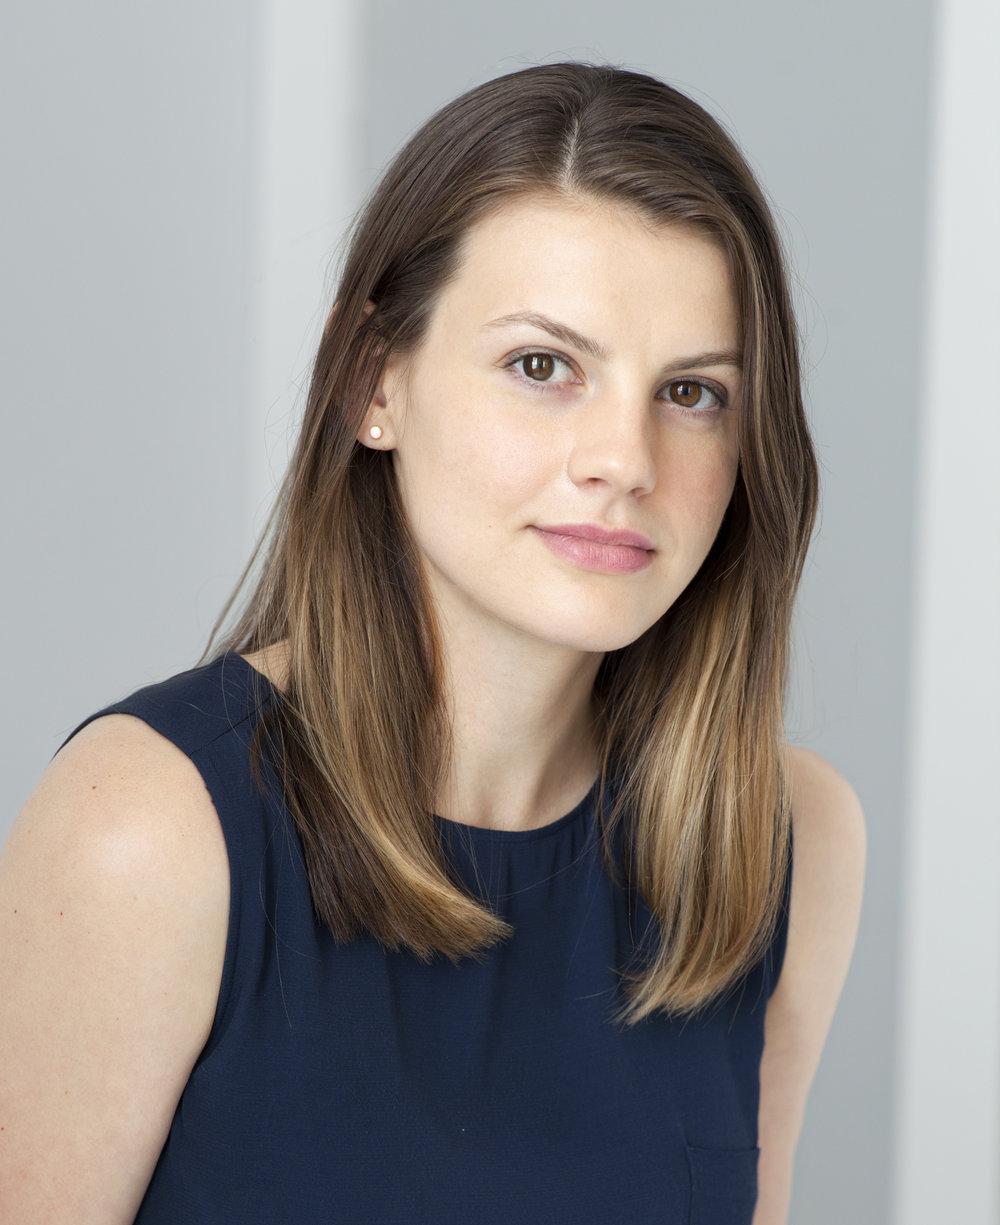 Julie Buntin